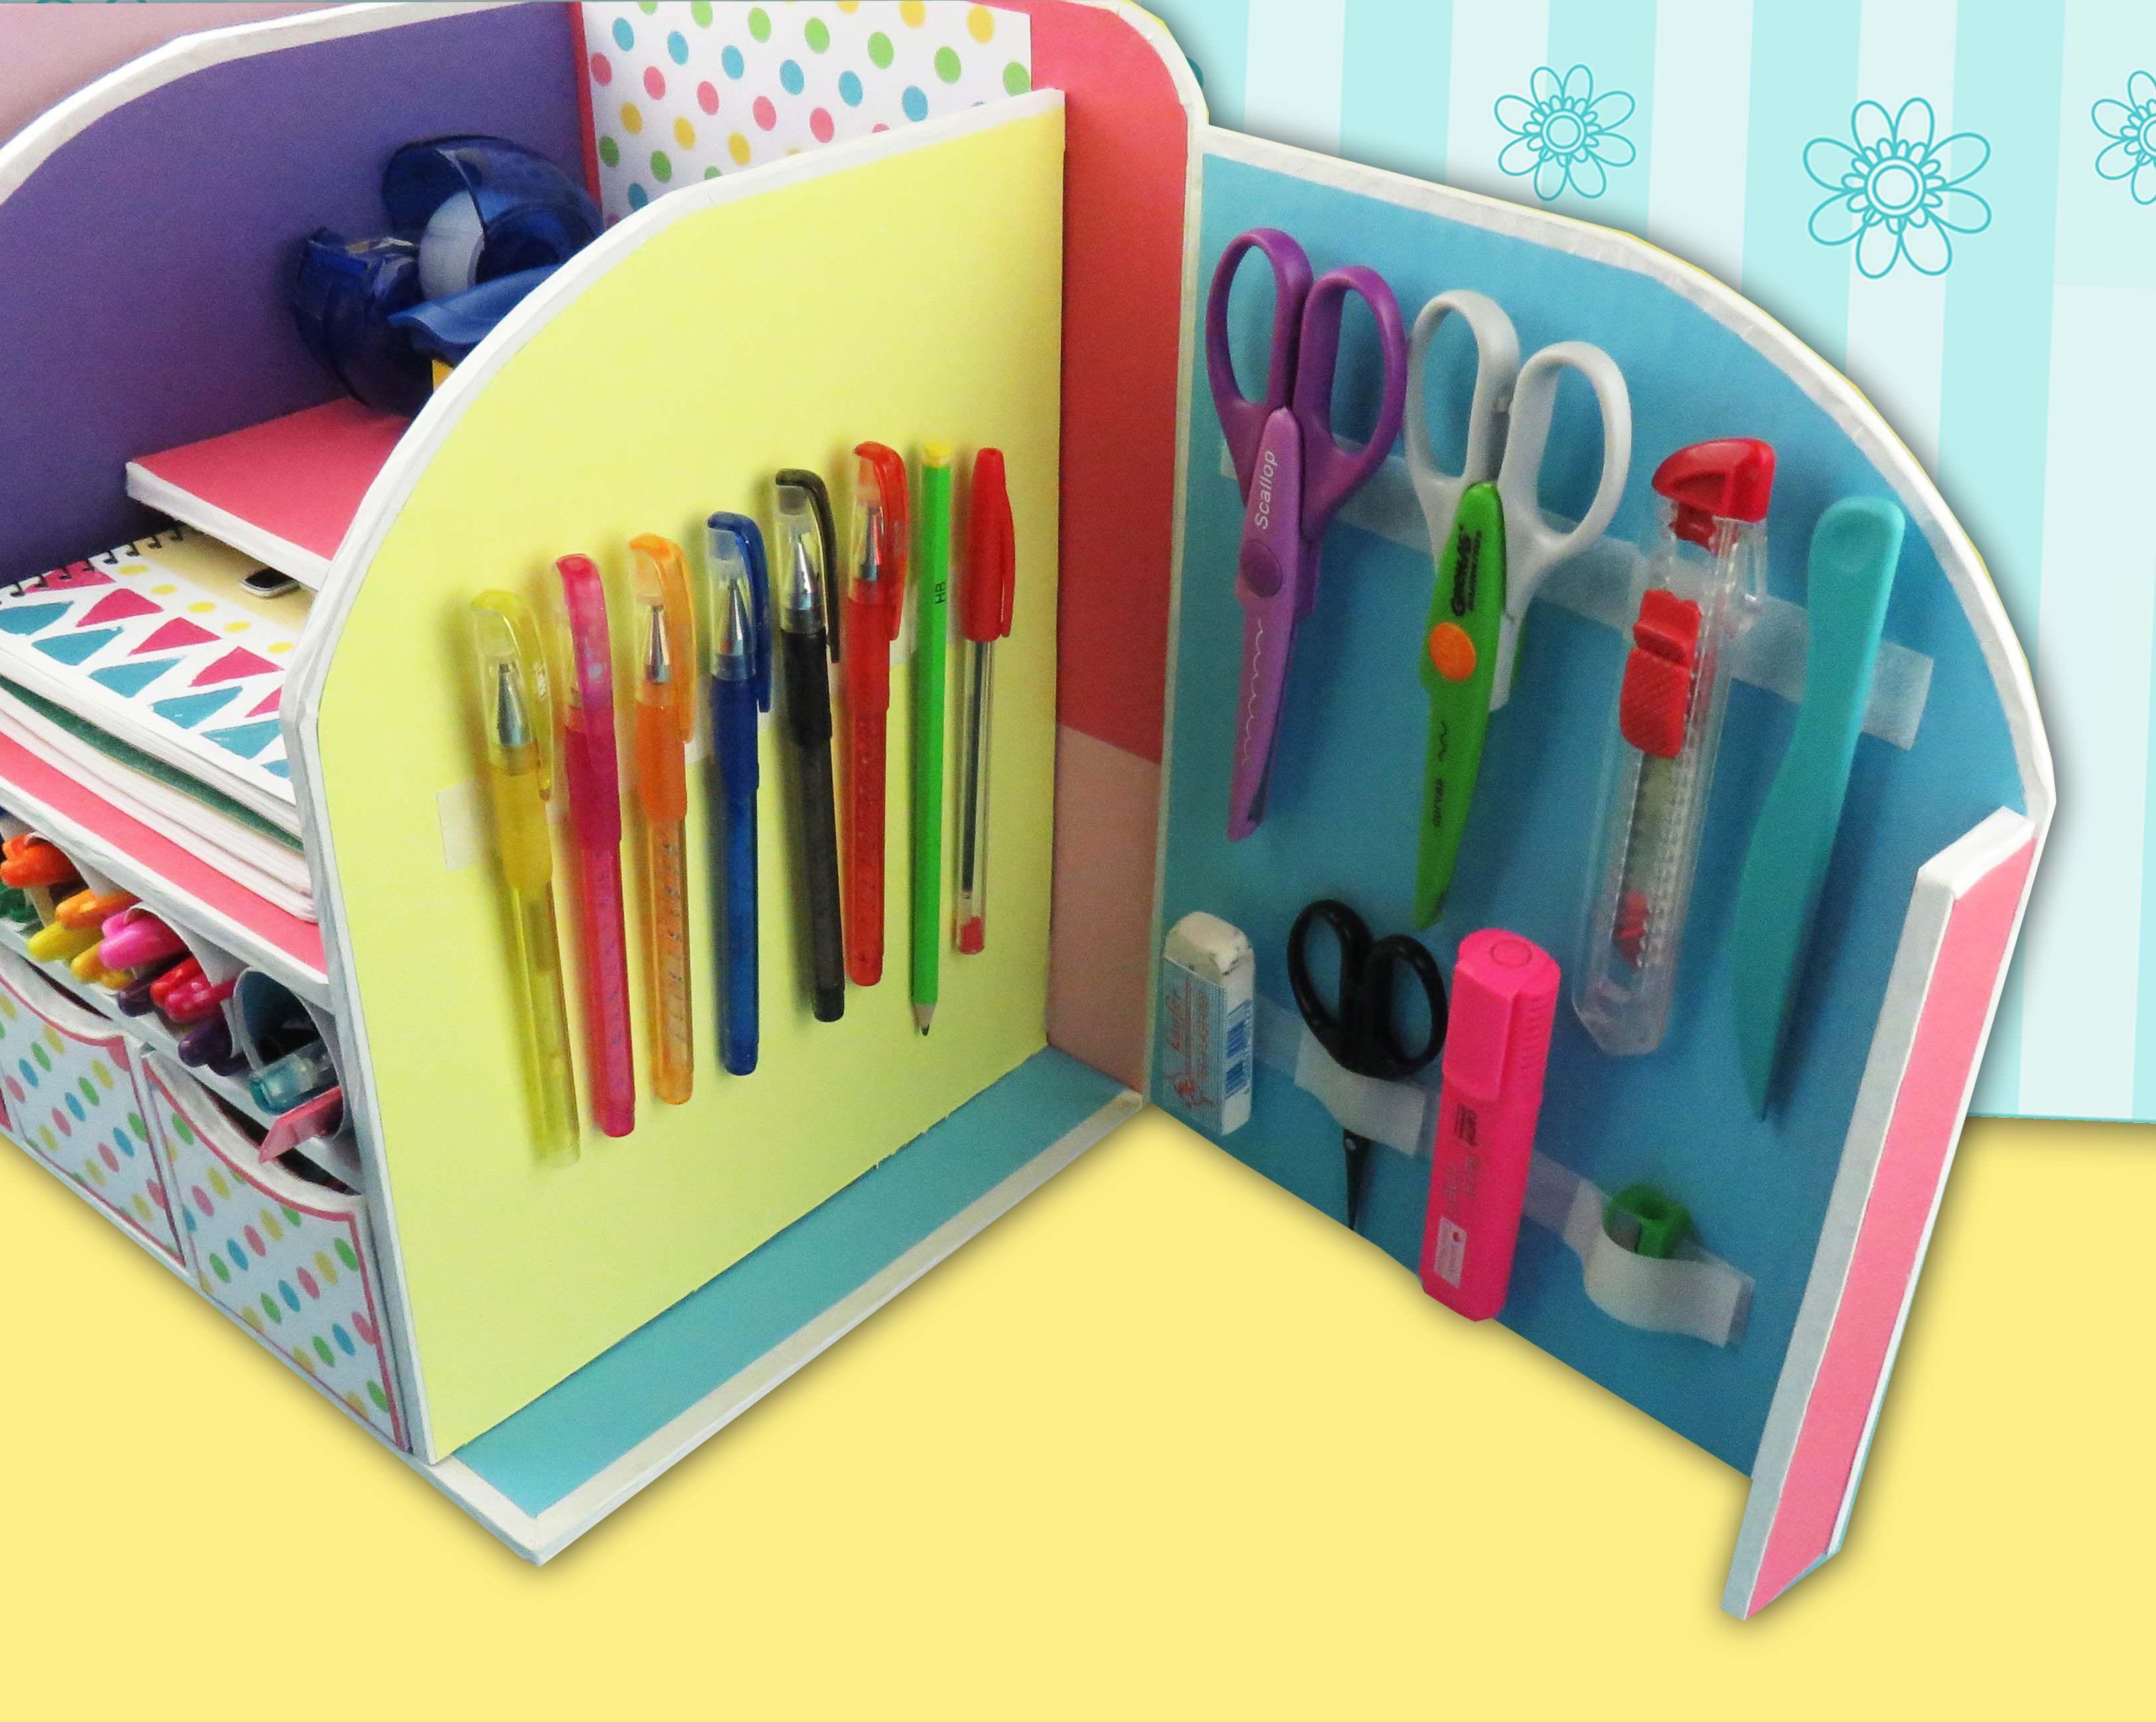 Organizador de escritorio en cart n mobiliario y decoraci n de casas pinterest - Organizadores escritorio ...